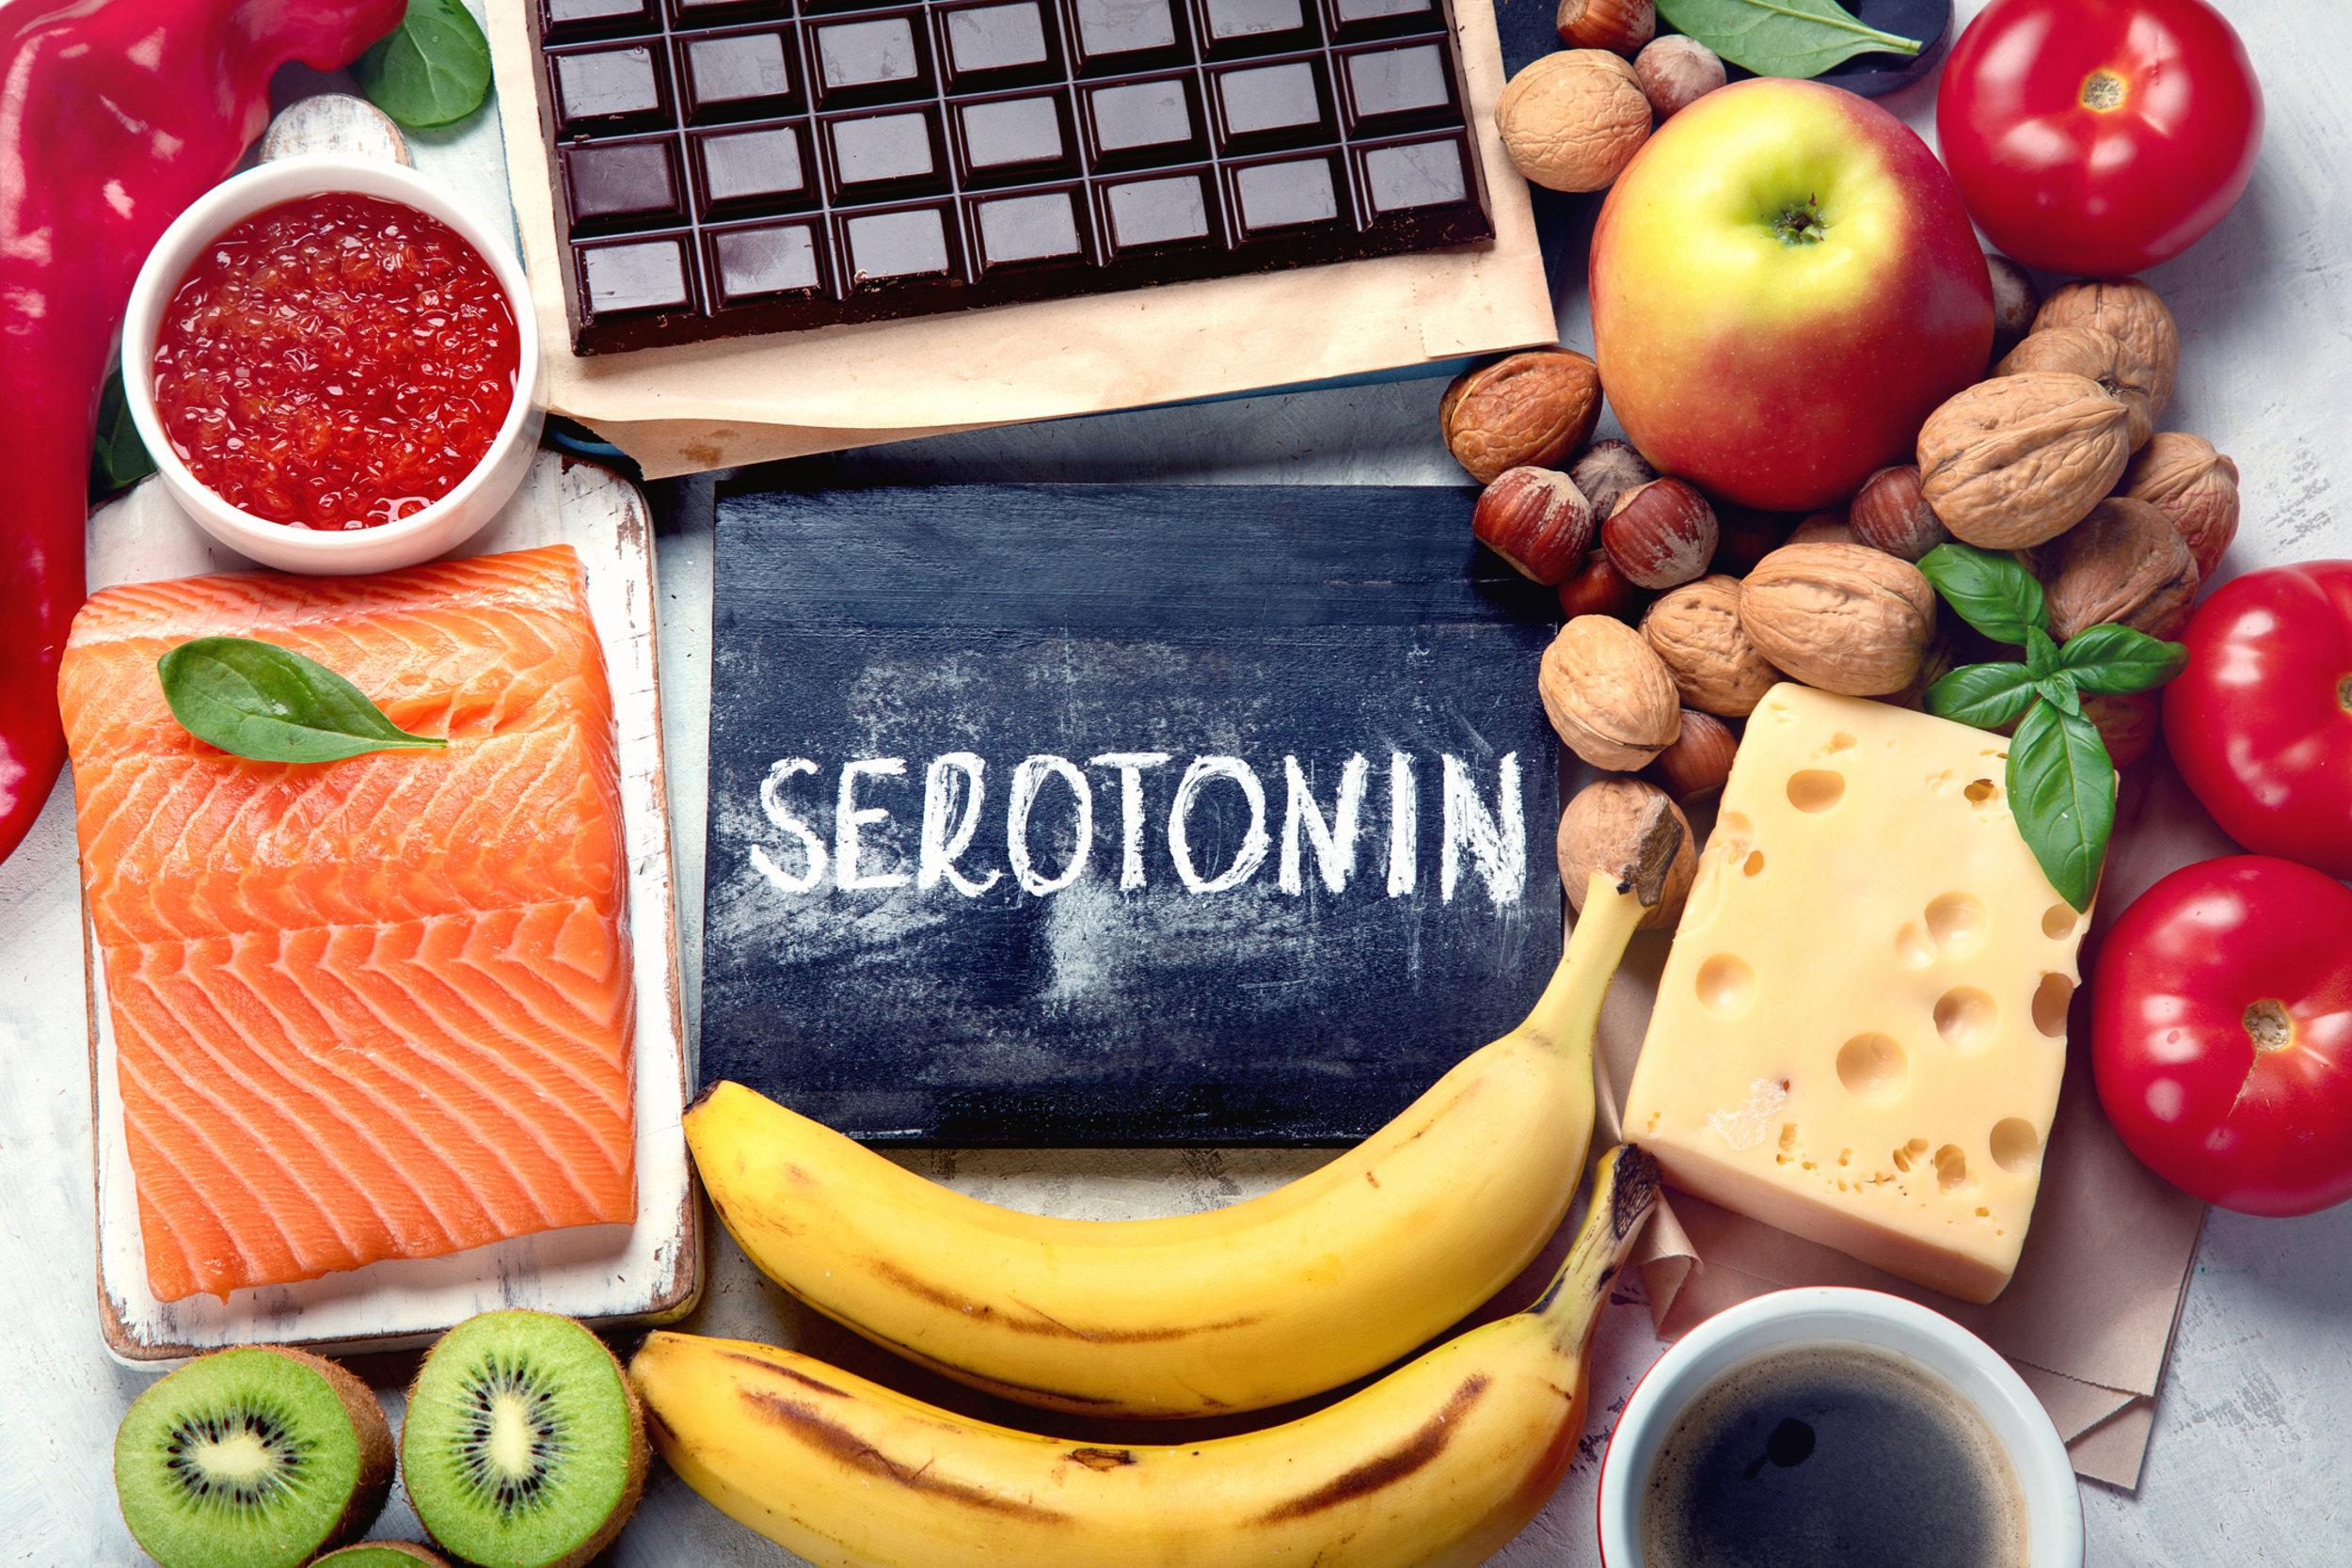 Κύρια φωτογραφία για το άρθρο: Άγχος και διατροφή, μια ιδιόμορφη σχέση. 3 Τρόποι να την ανακαλύψετε!